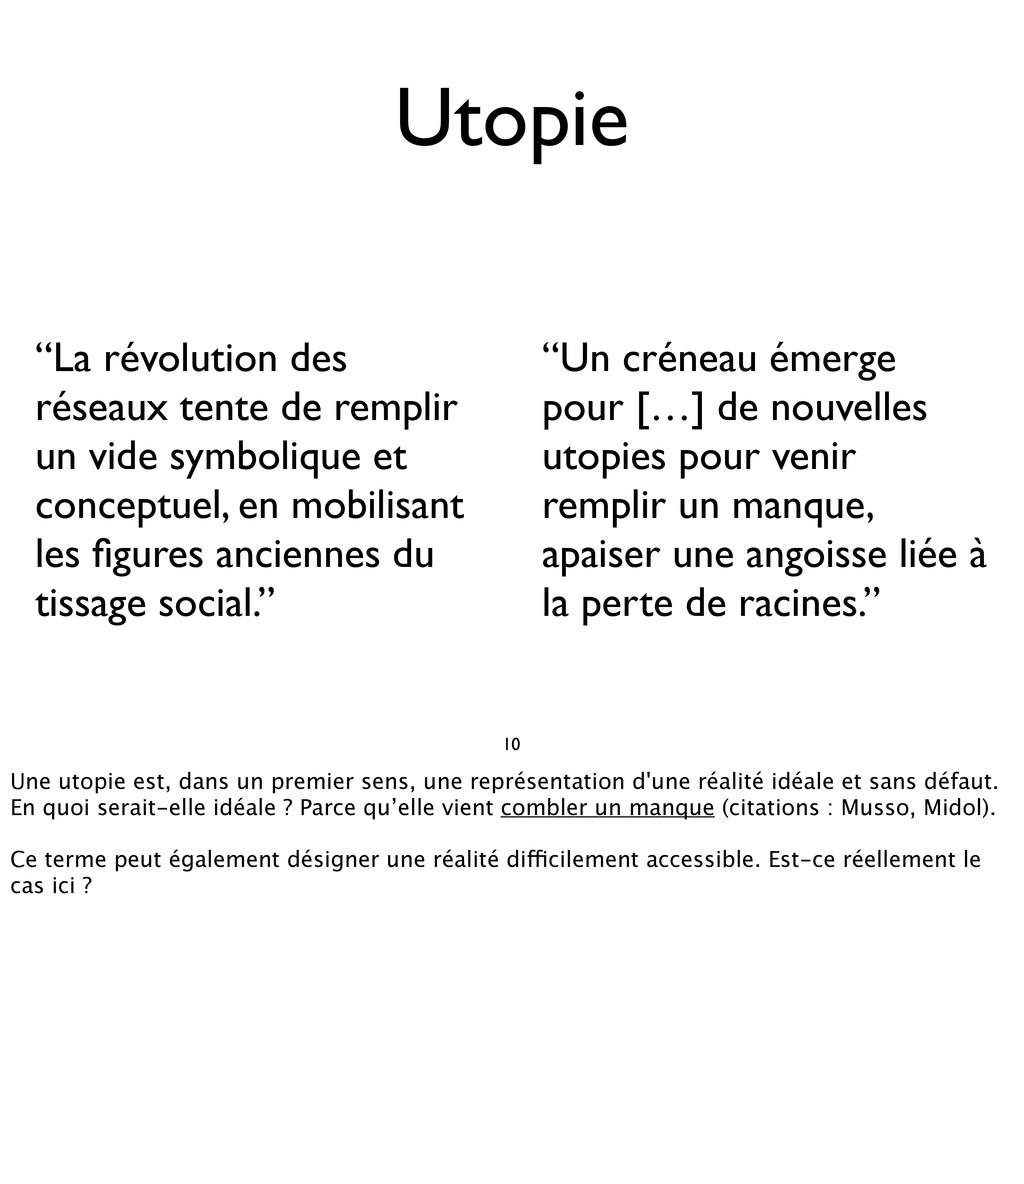 """10 Utopie """"La révolution des réseaux tente de r..."""